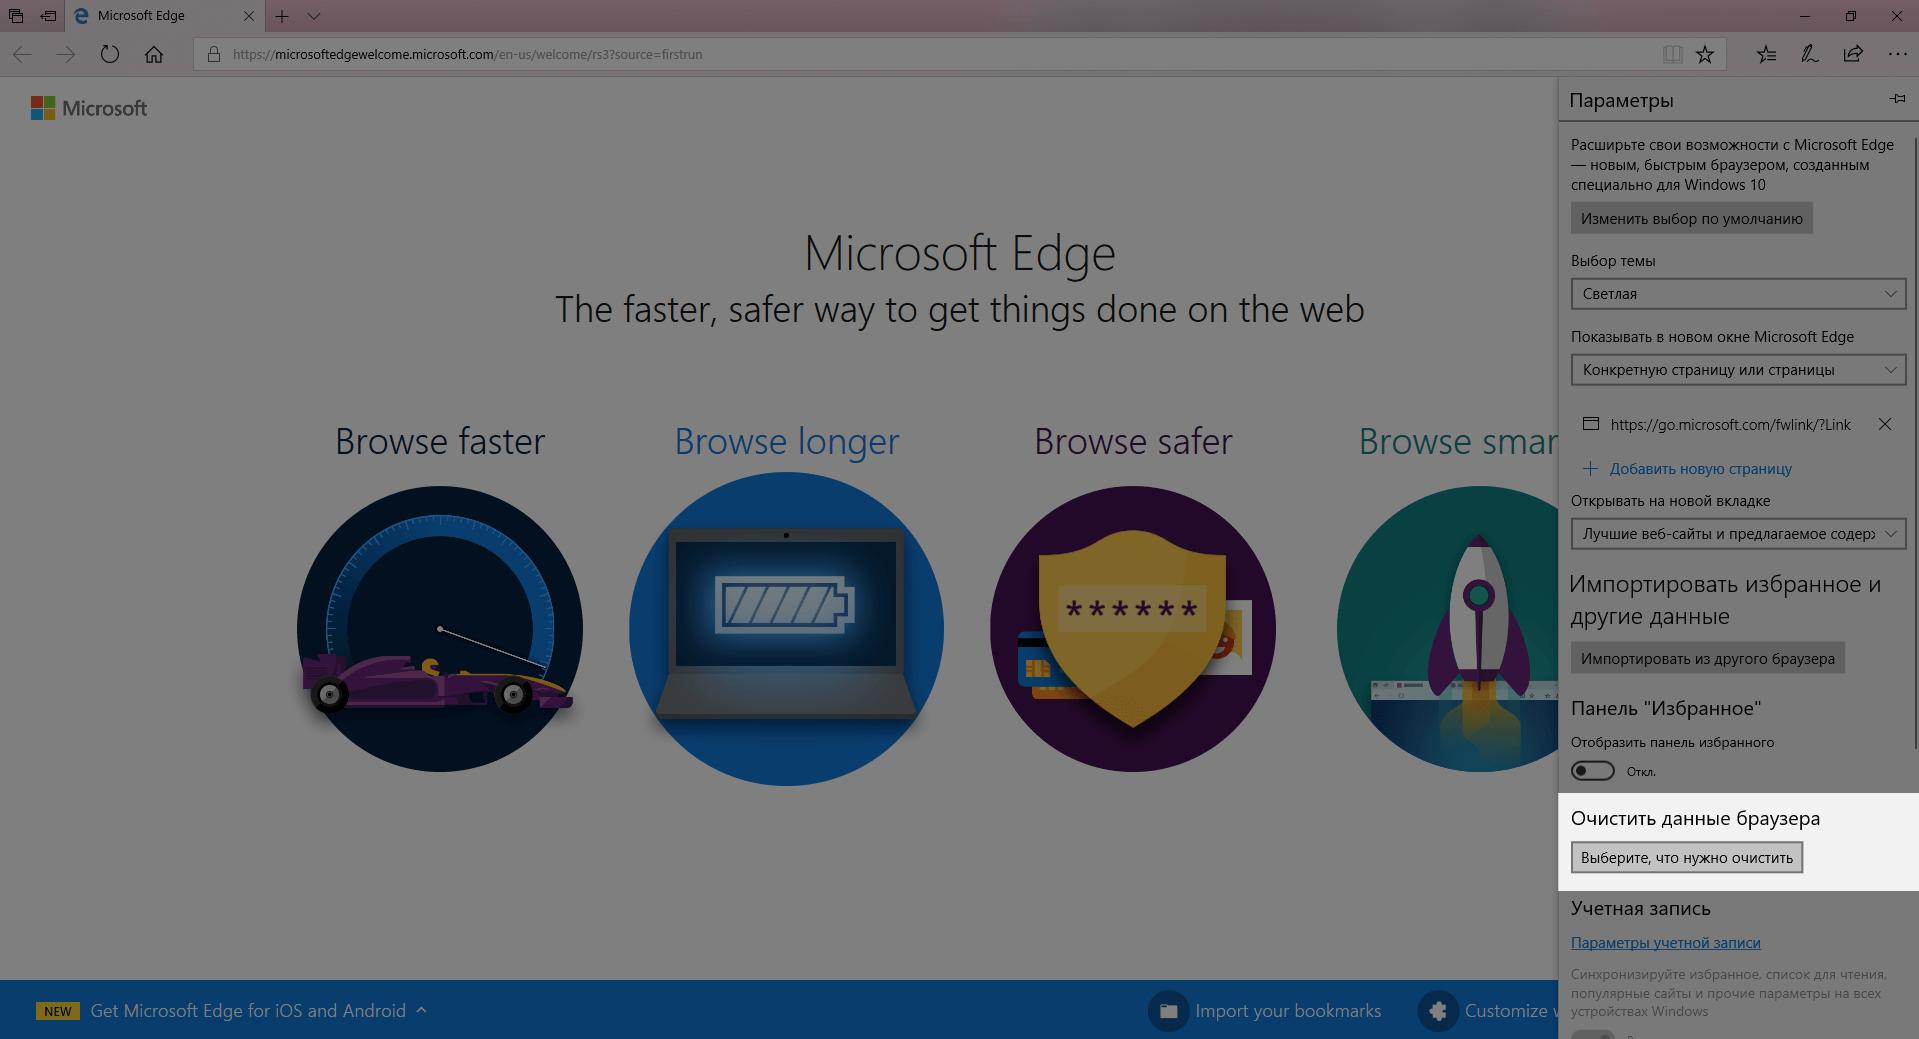 как очистить данные браузера в Microsoft Edge